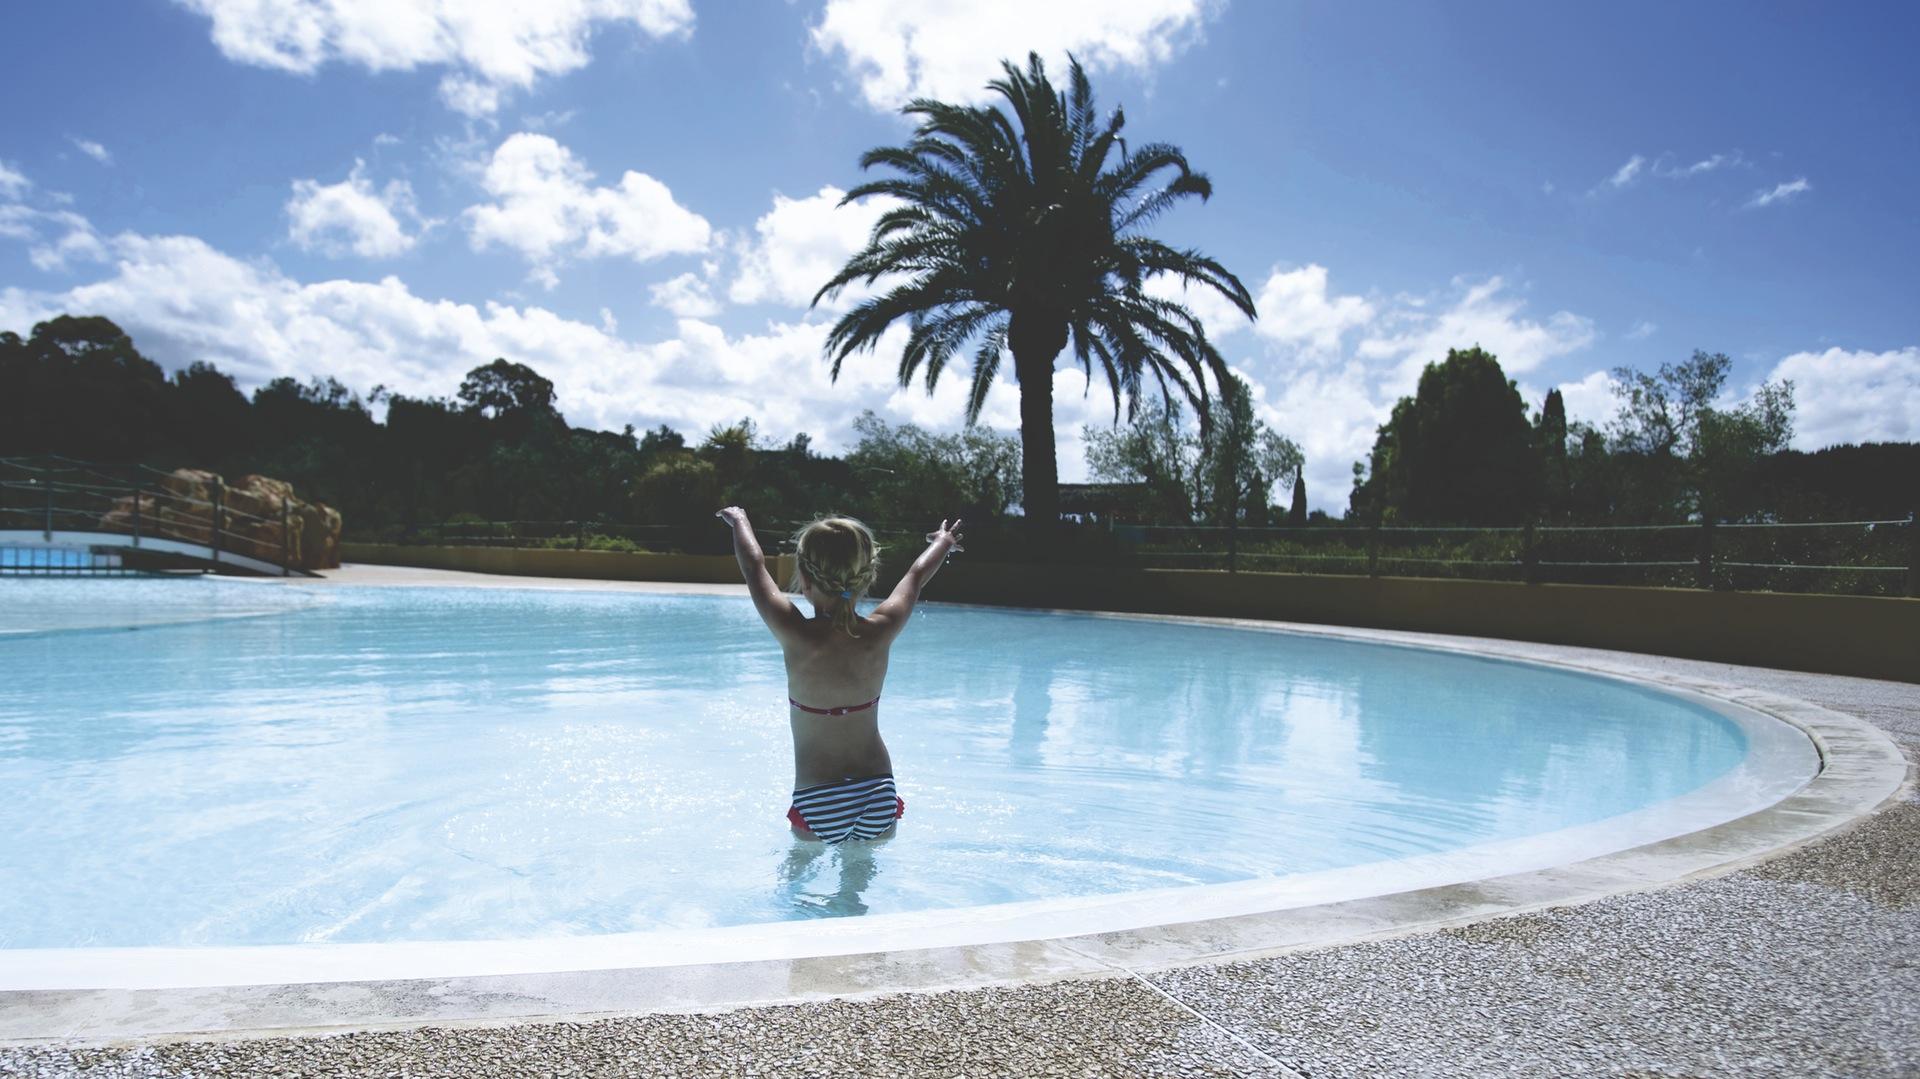 Mädchen, Swimmingpool, Urlaub, Hotel, Schwimmen